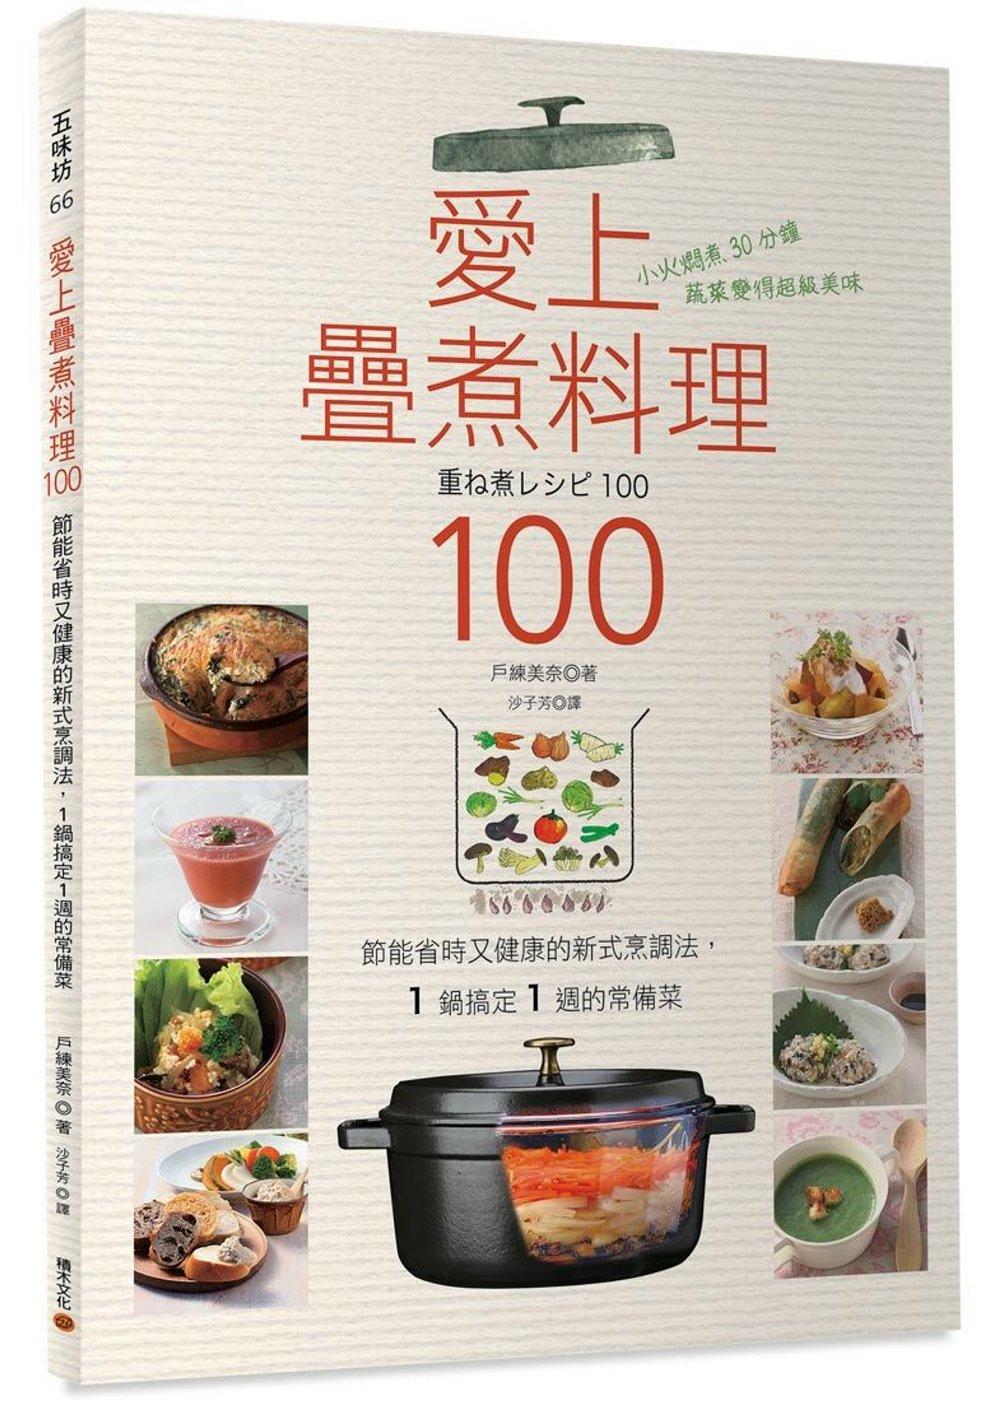 愛上疊煮料理100──節能省時又健康的新式烹調法,1鍋搞定1週的常備菜